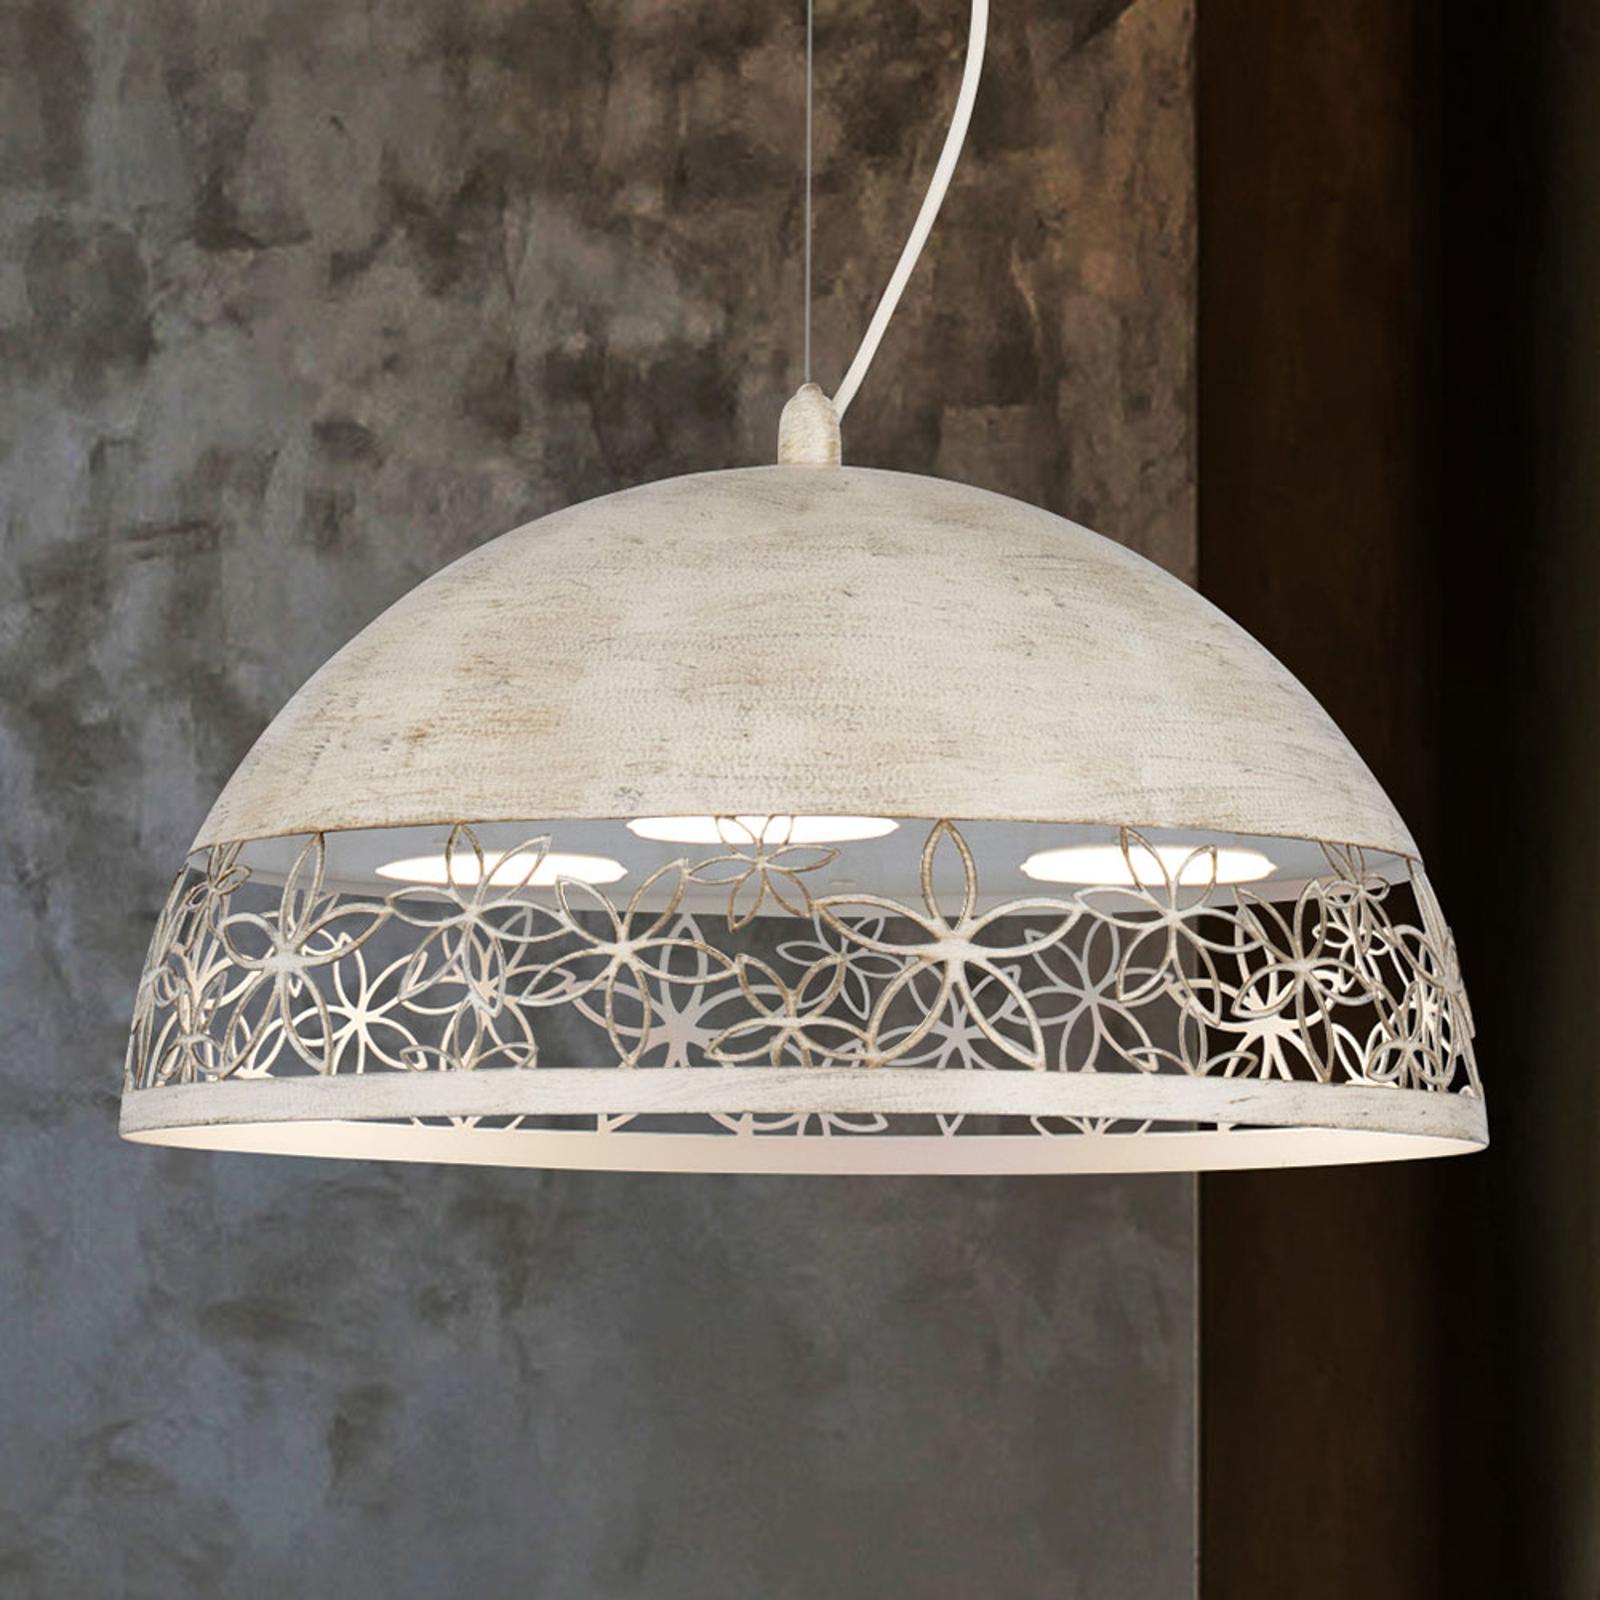 Lampa wisząca 4522/GX40, tundra biała, Ø 40 cm